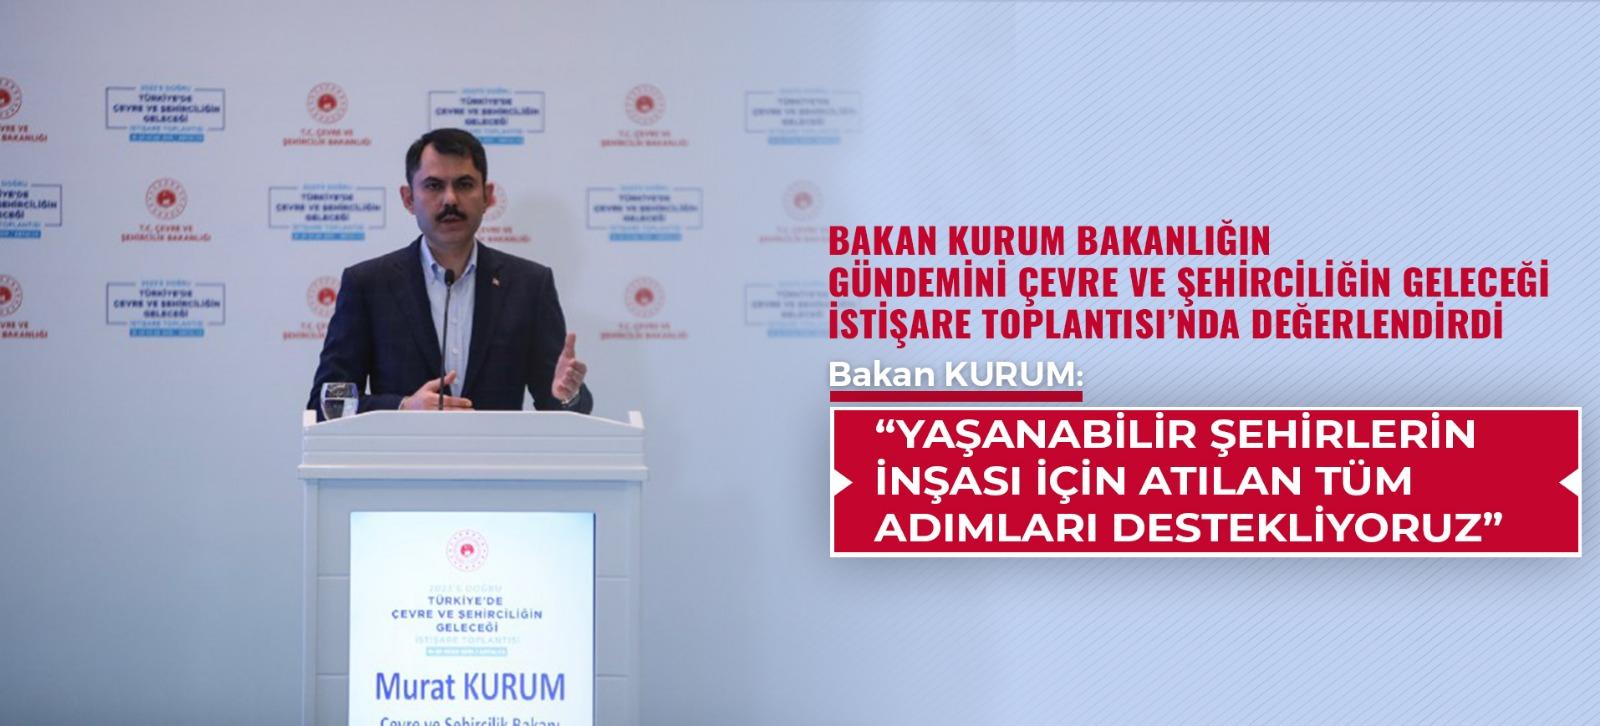 2023'e Doğru Türkiye'de Çevre ve Şehirciliğin Geleceği İstişare Toplantısı Gerçekleştirildi.